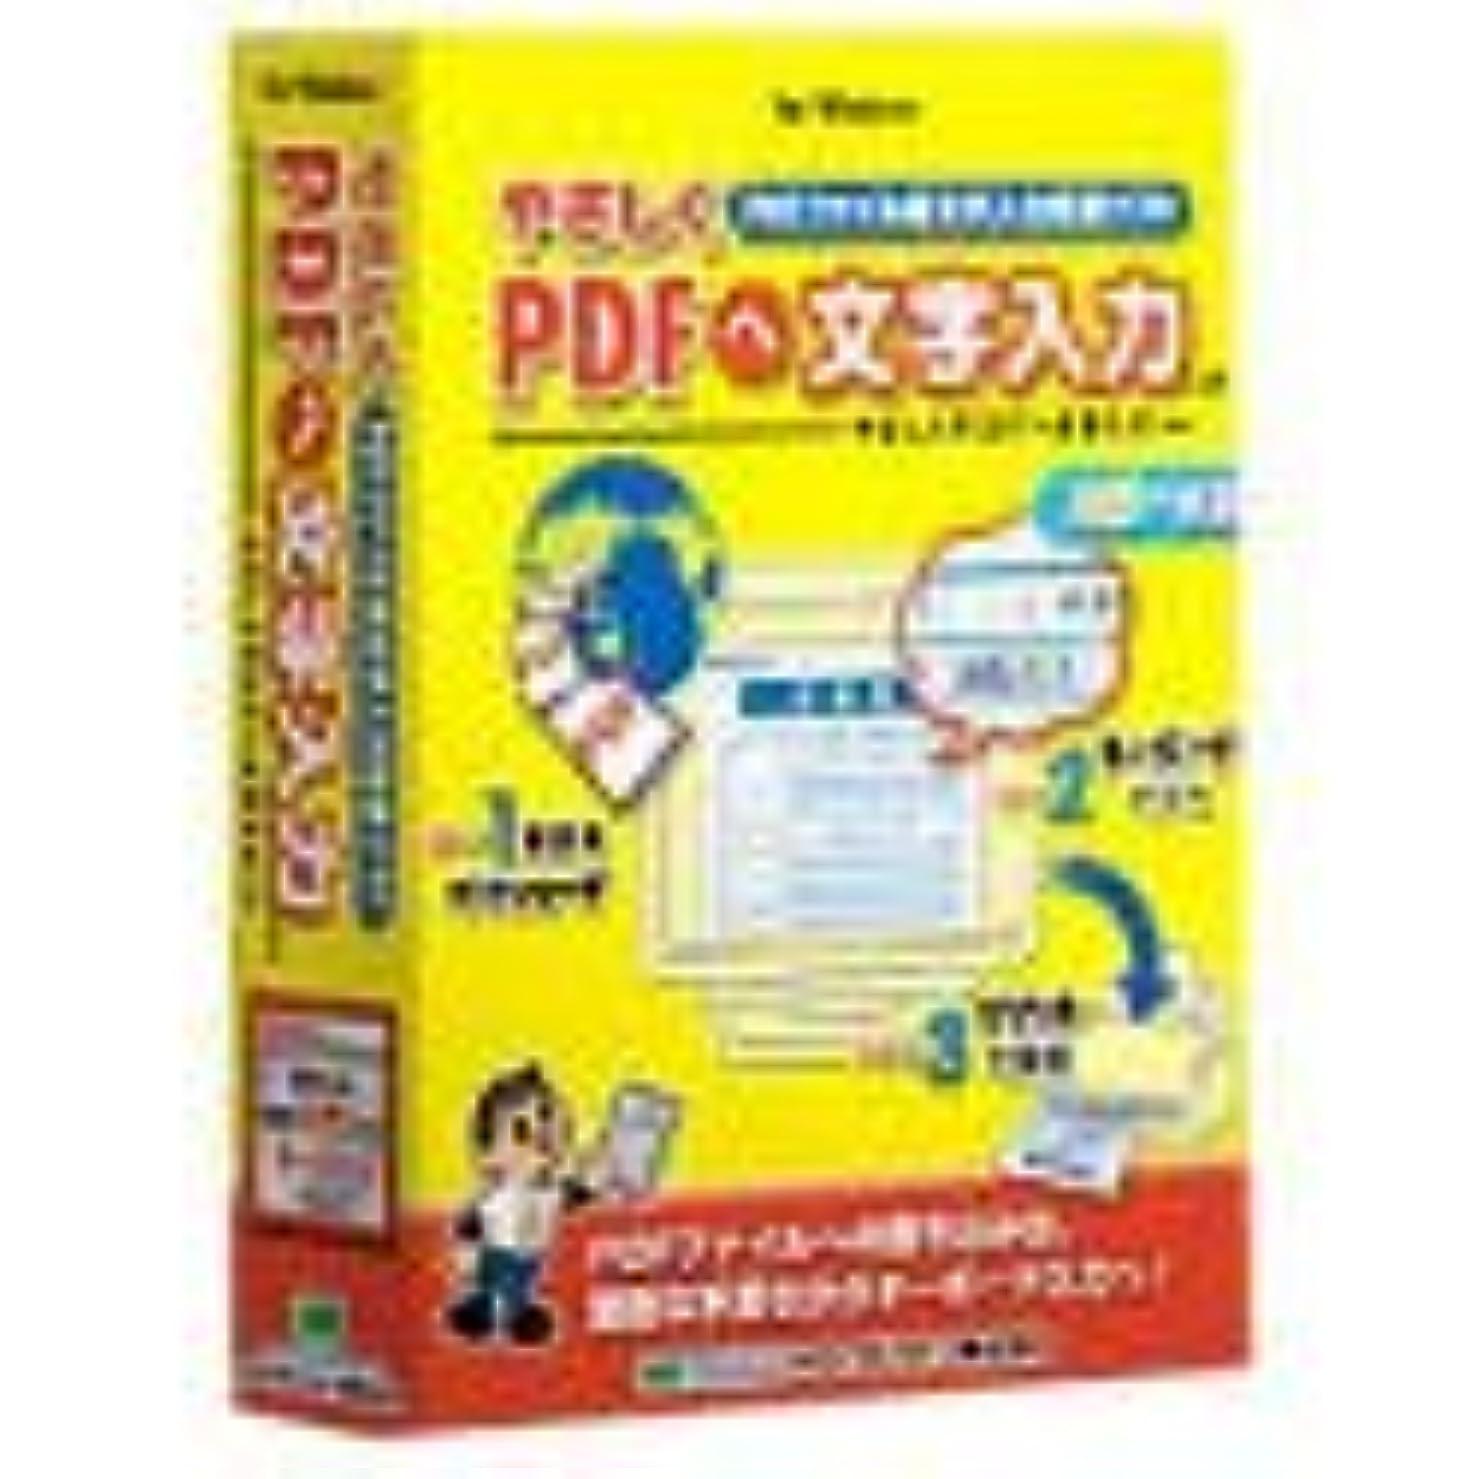 バック奨学金明確にやさしくPDFへ文字入力 v.2.0 for Windows